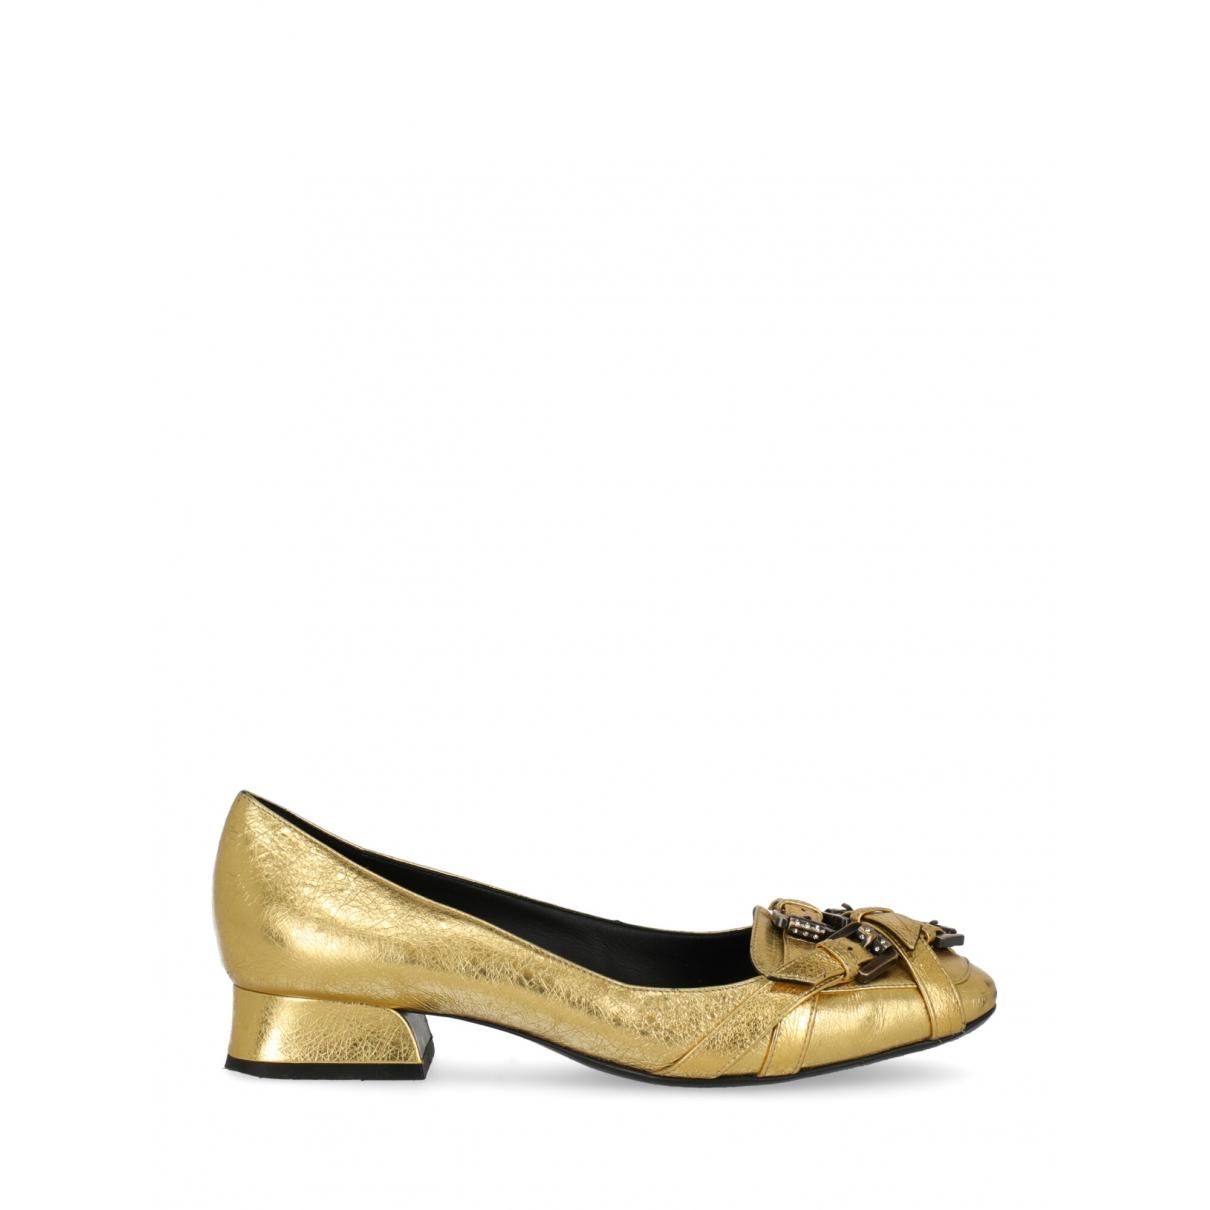 Bottega Veneta \N Gold Leather Ballet flats for Women 38 IT